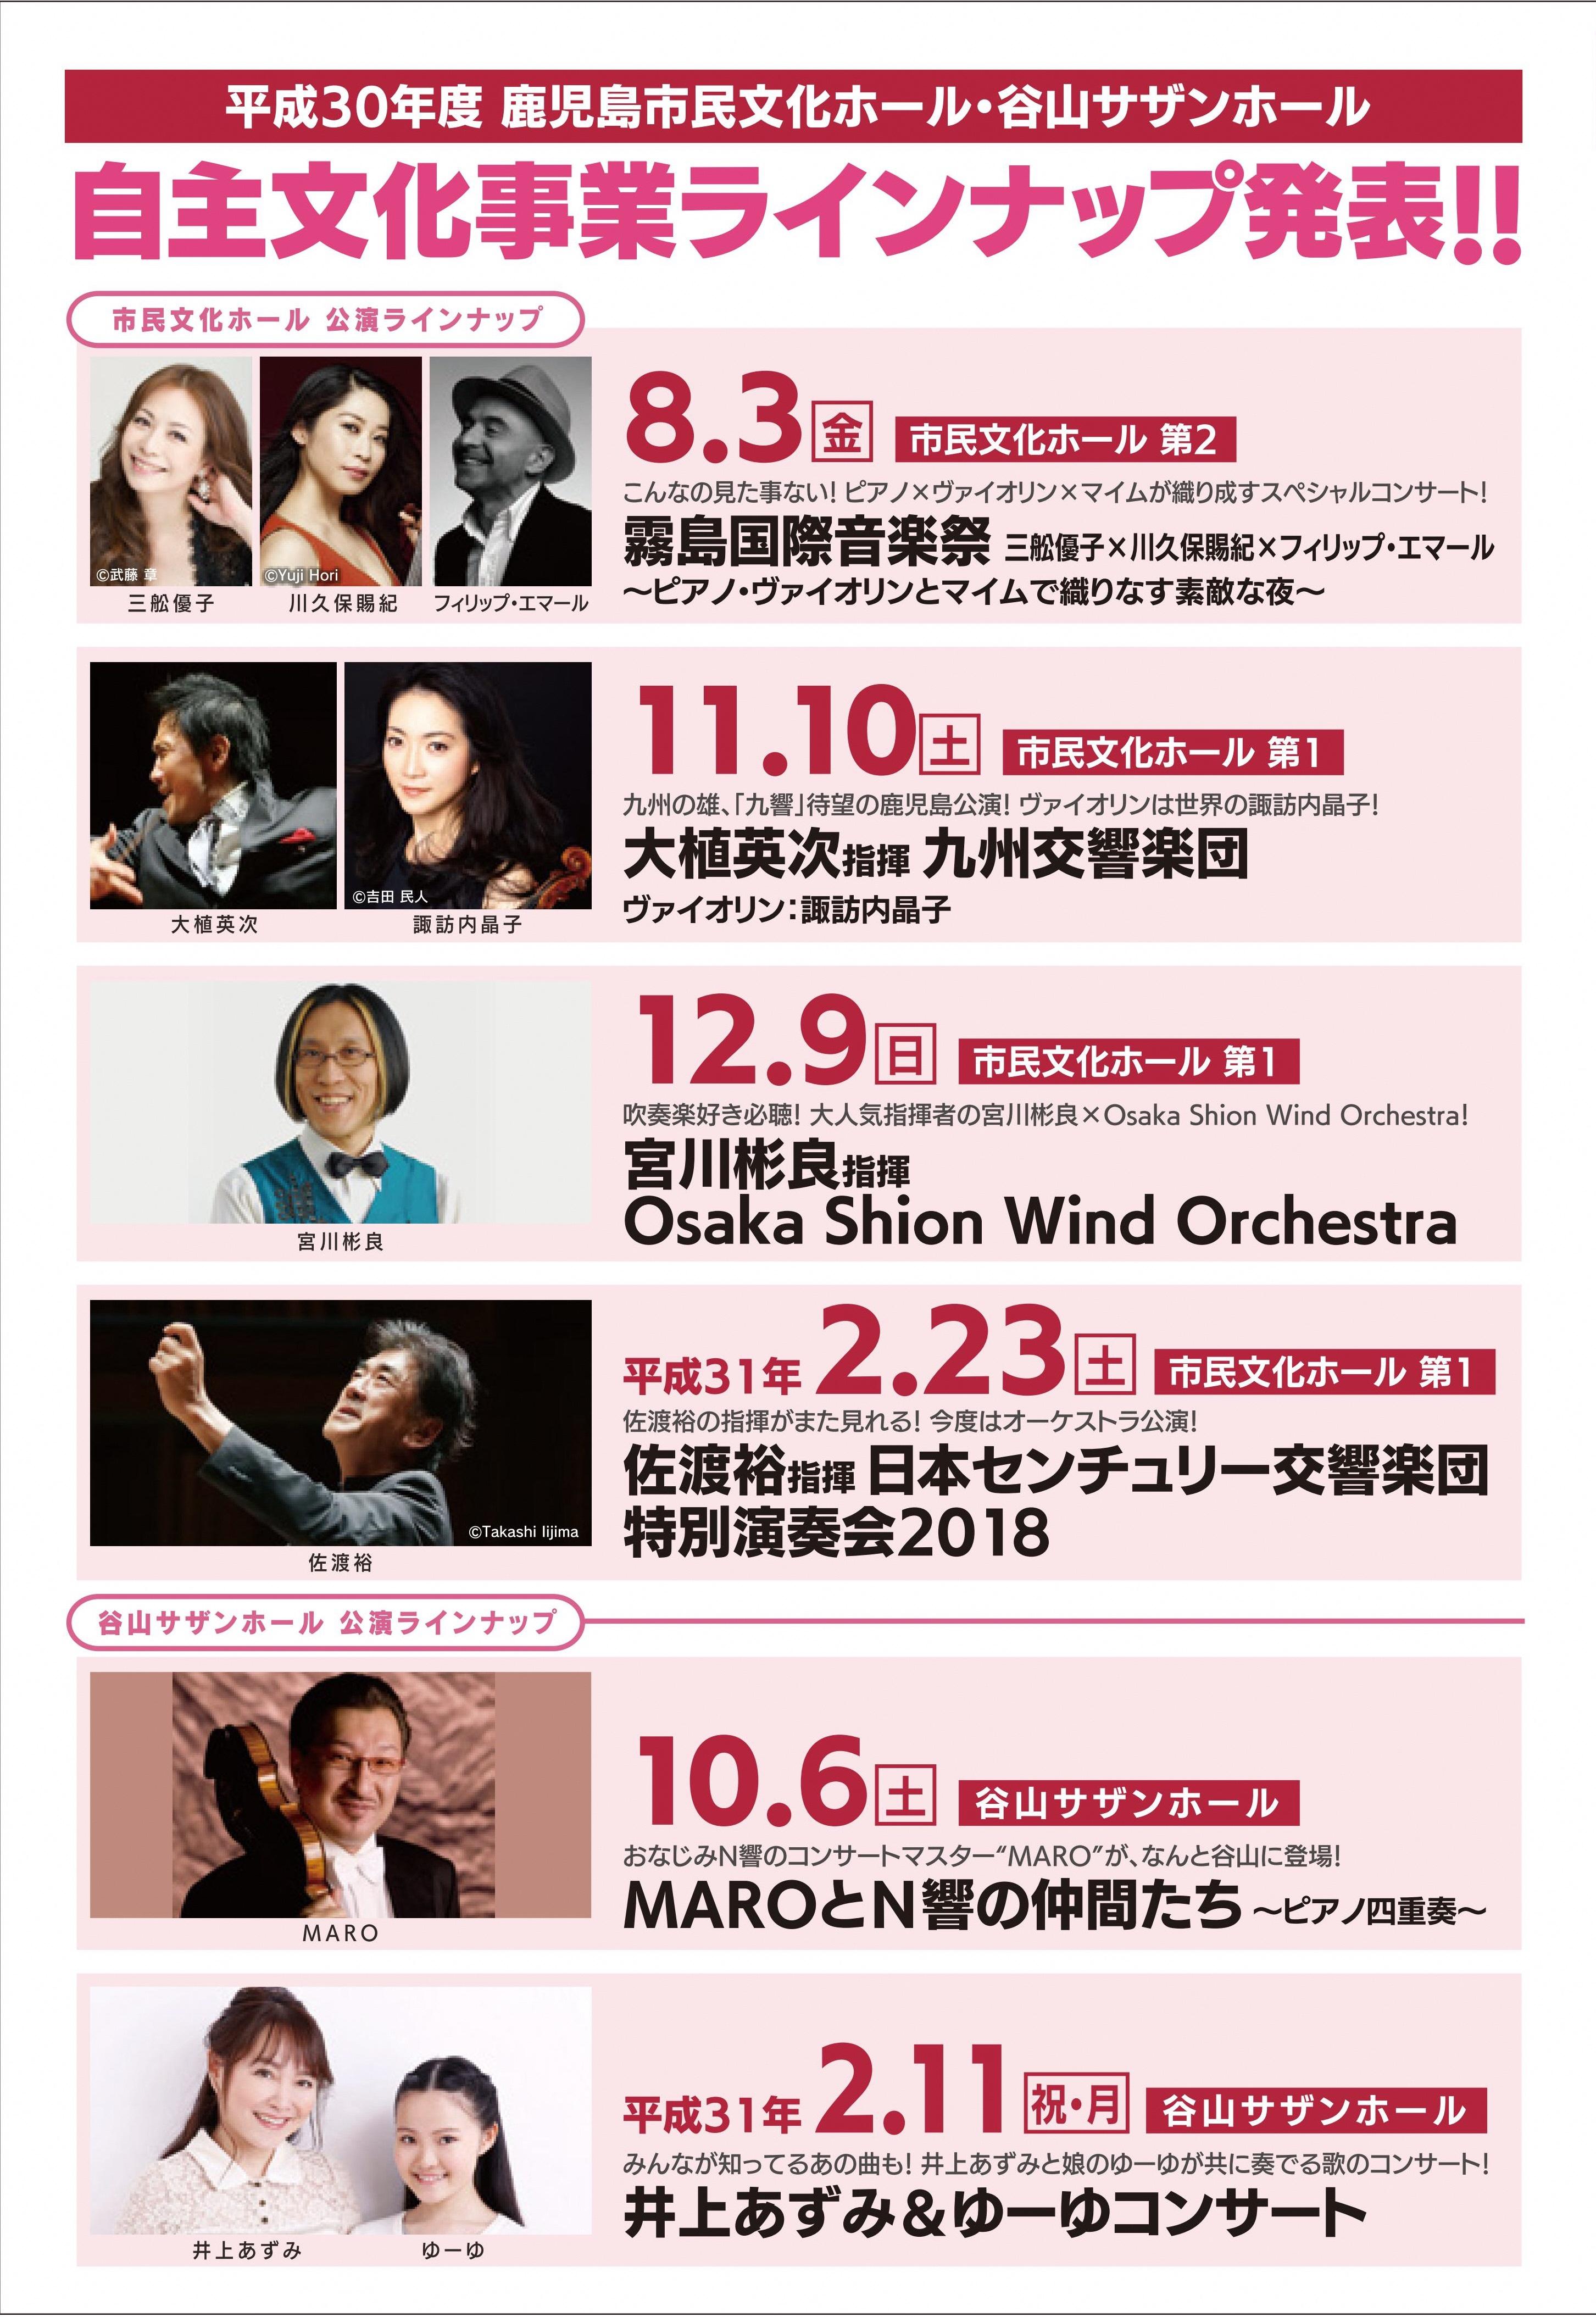 平成30年度 鹿児島市民文化ホール・谷山サザンホール 自主文化事業のラインナップ発表!!